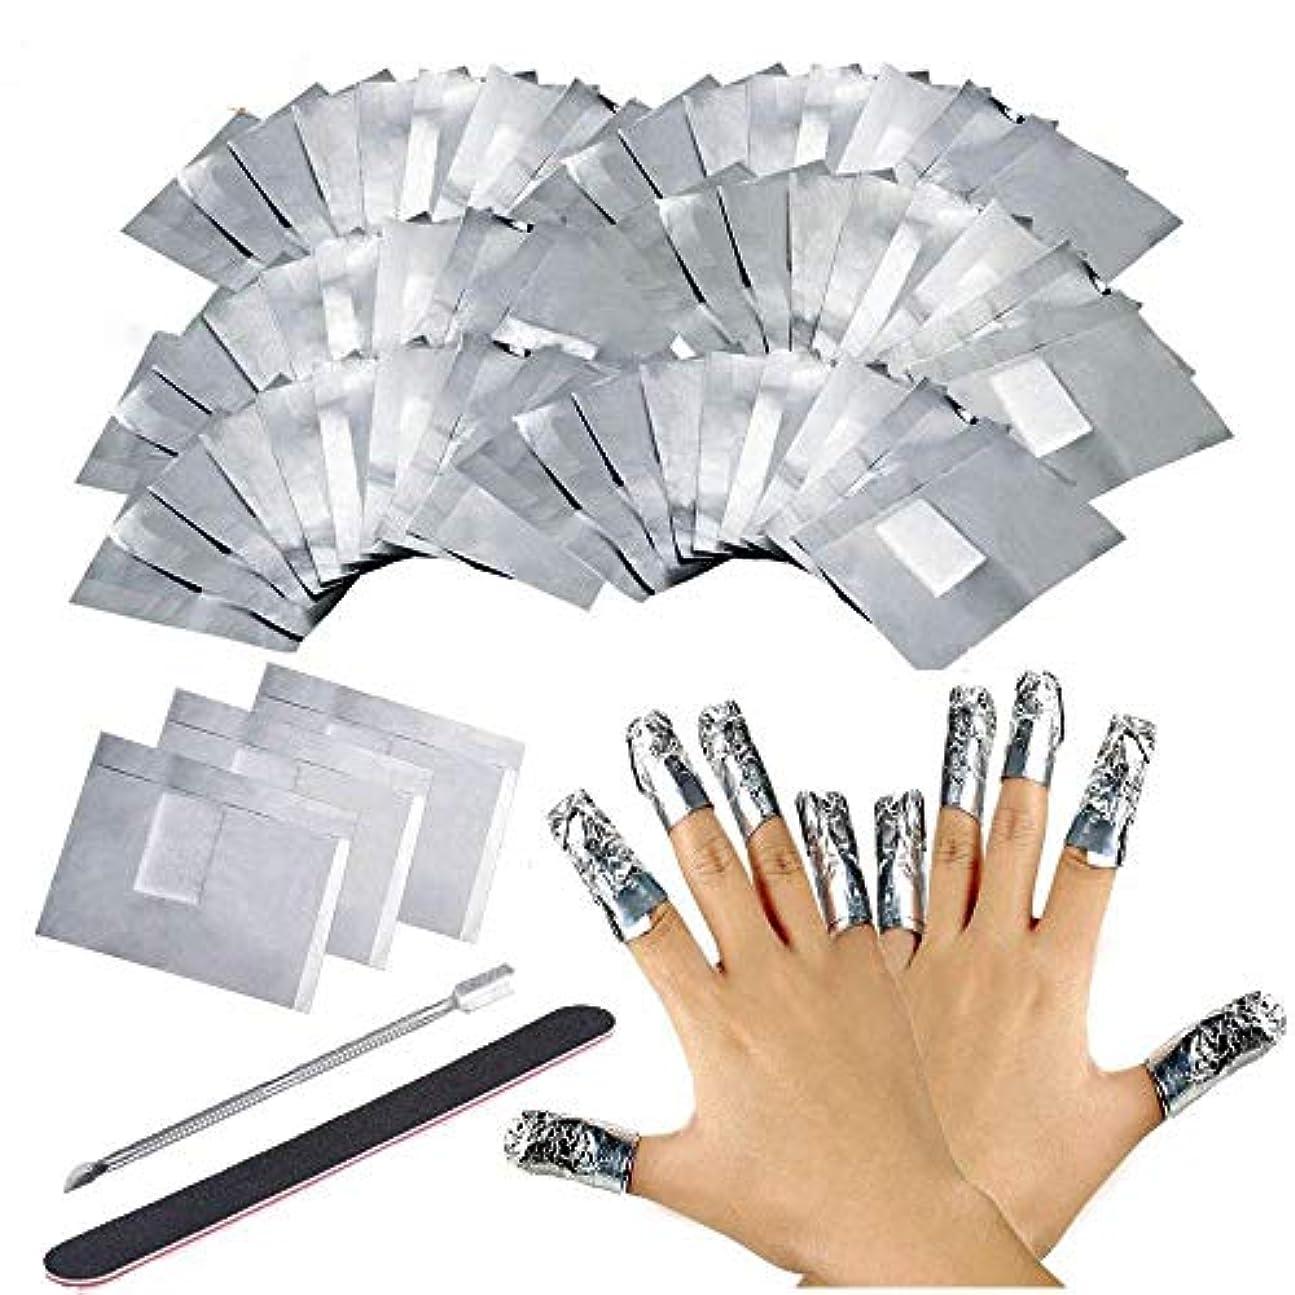 アピールひいきにする現実的200枚 ジェルネイル リムーバー アセトン ジェル 使い捨て ネイル用品, ジェルオフリムーバー アクリルUVジェル, 付き 1本ネイルオフプッシャー そして 1本 ネイルファイル